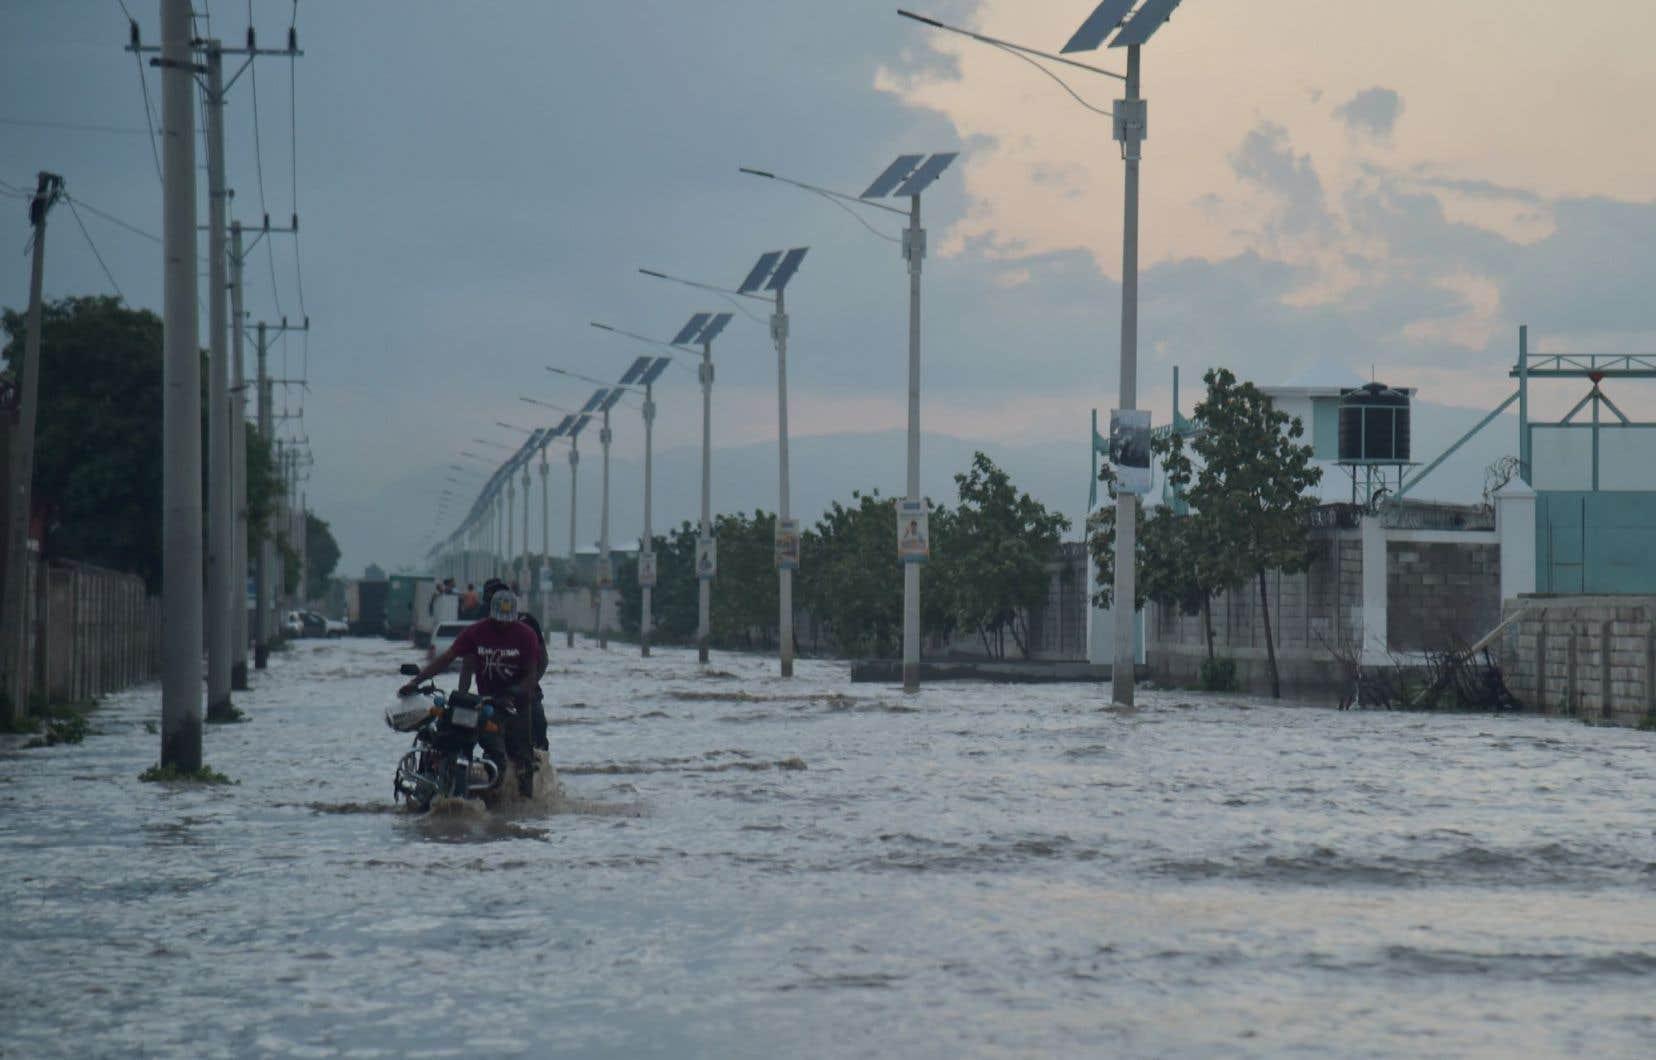 <p>À l'approche de la saison des ouragans, l'extrême vulnérabilité des départements ravagés en octobre par Matthew inquiète.</p>